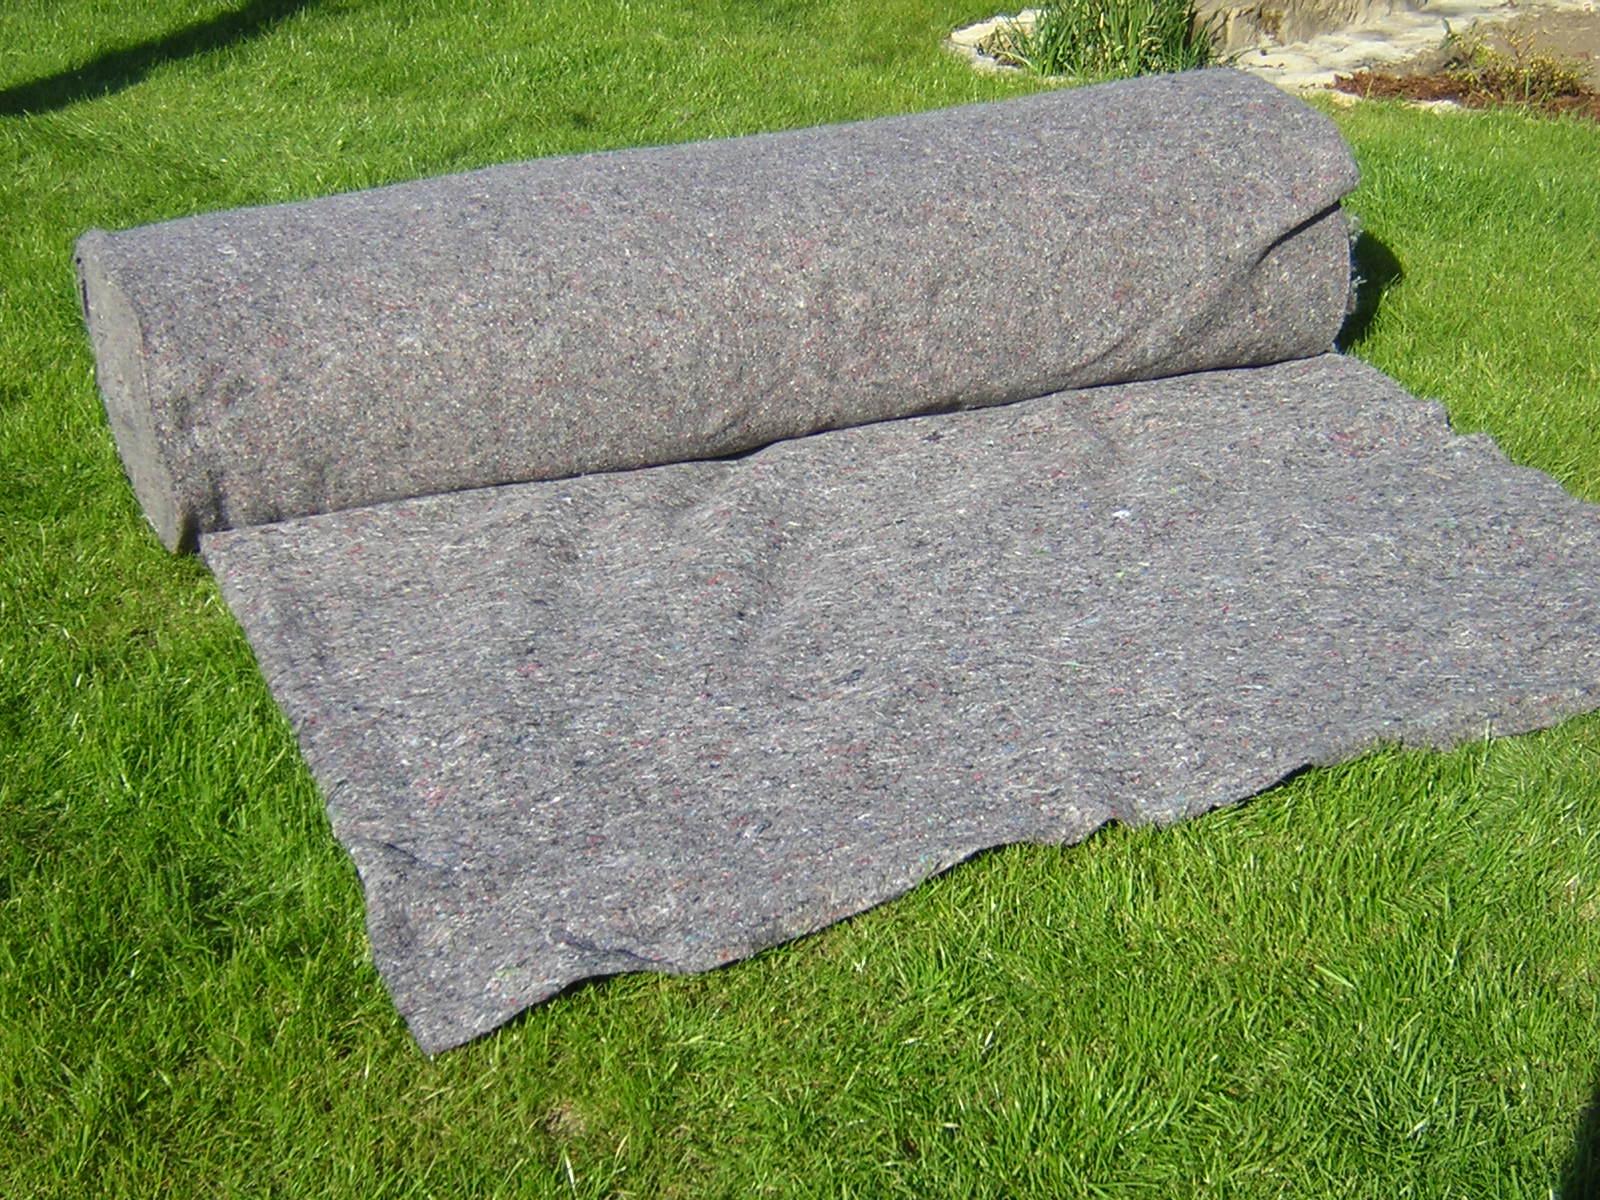 teichvlies 500g m 2m x 3m teichfilz schutzvlies f r teichfolie teichbau. Black Bedroom Furniture Sets. Home Design Ideas